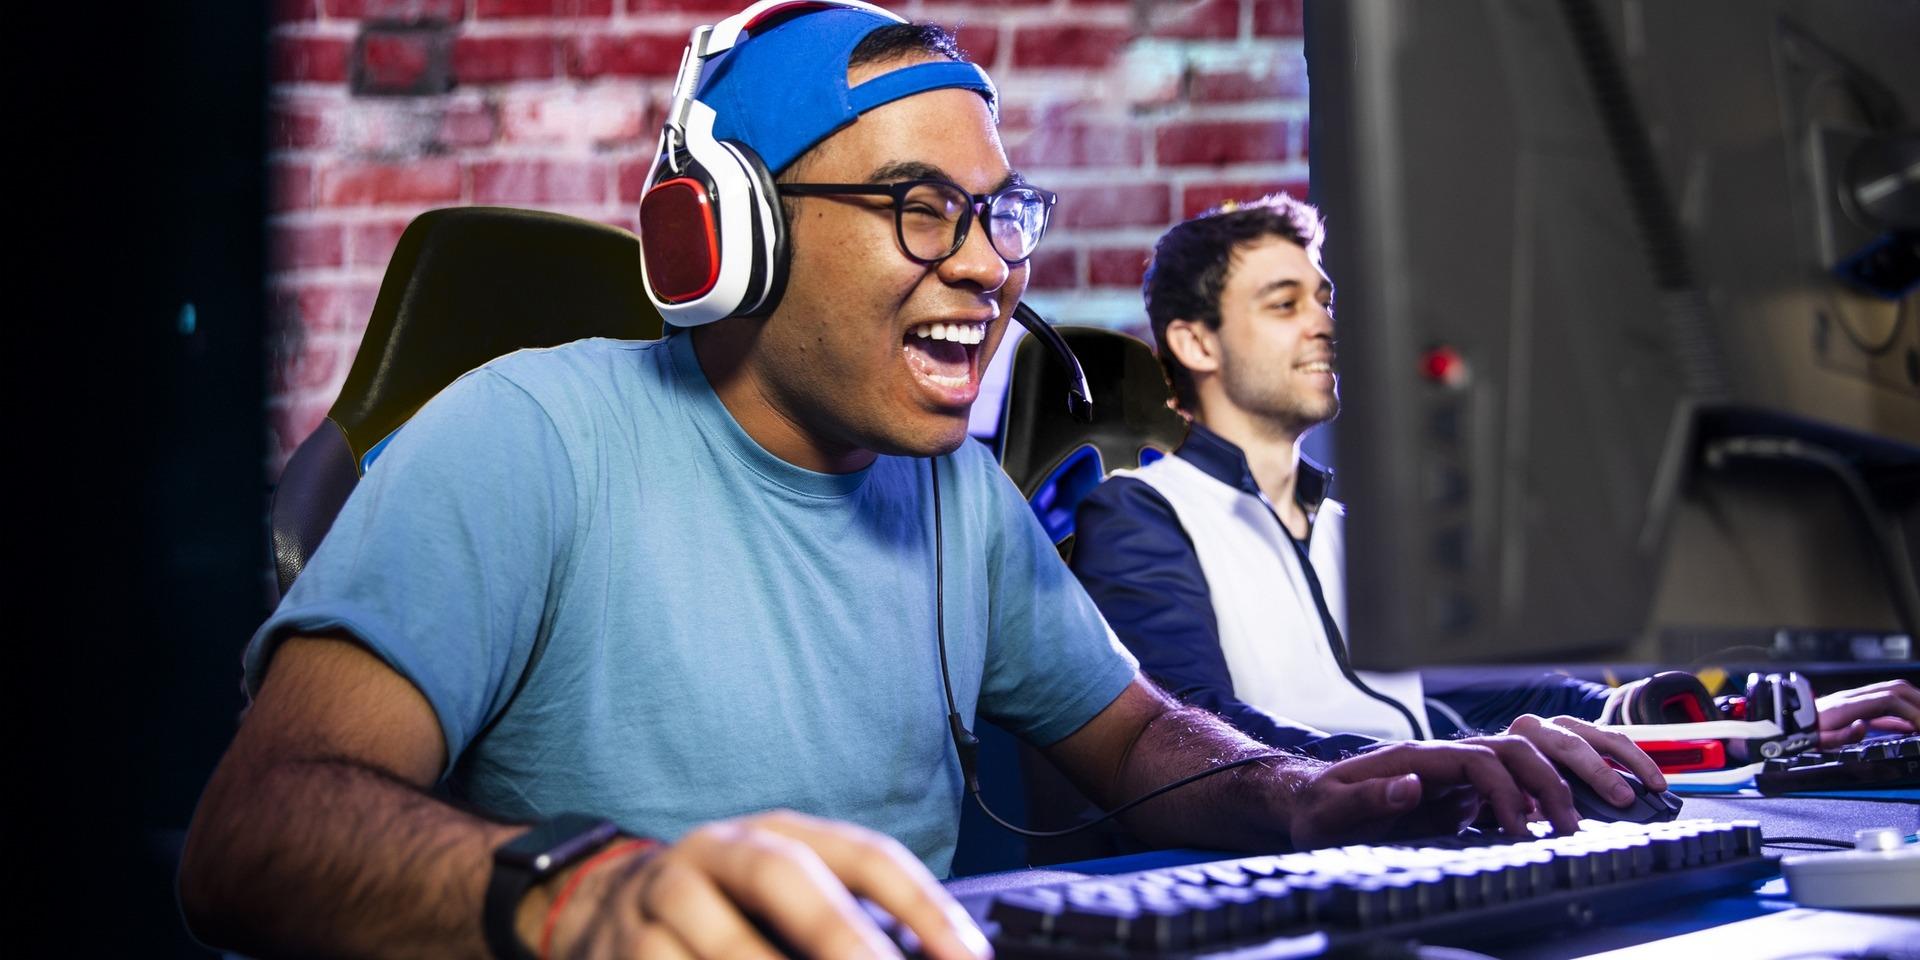 esport jeux vidéo jeune homme